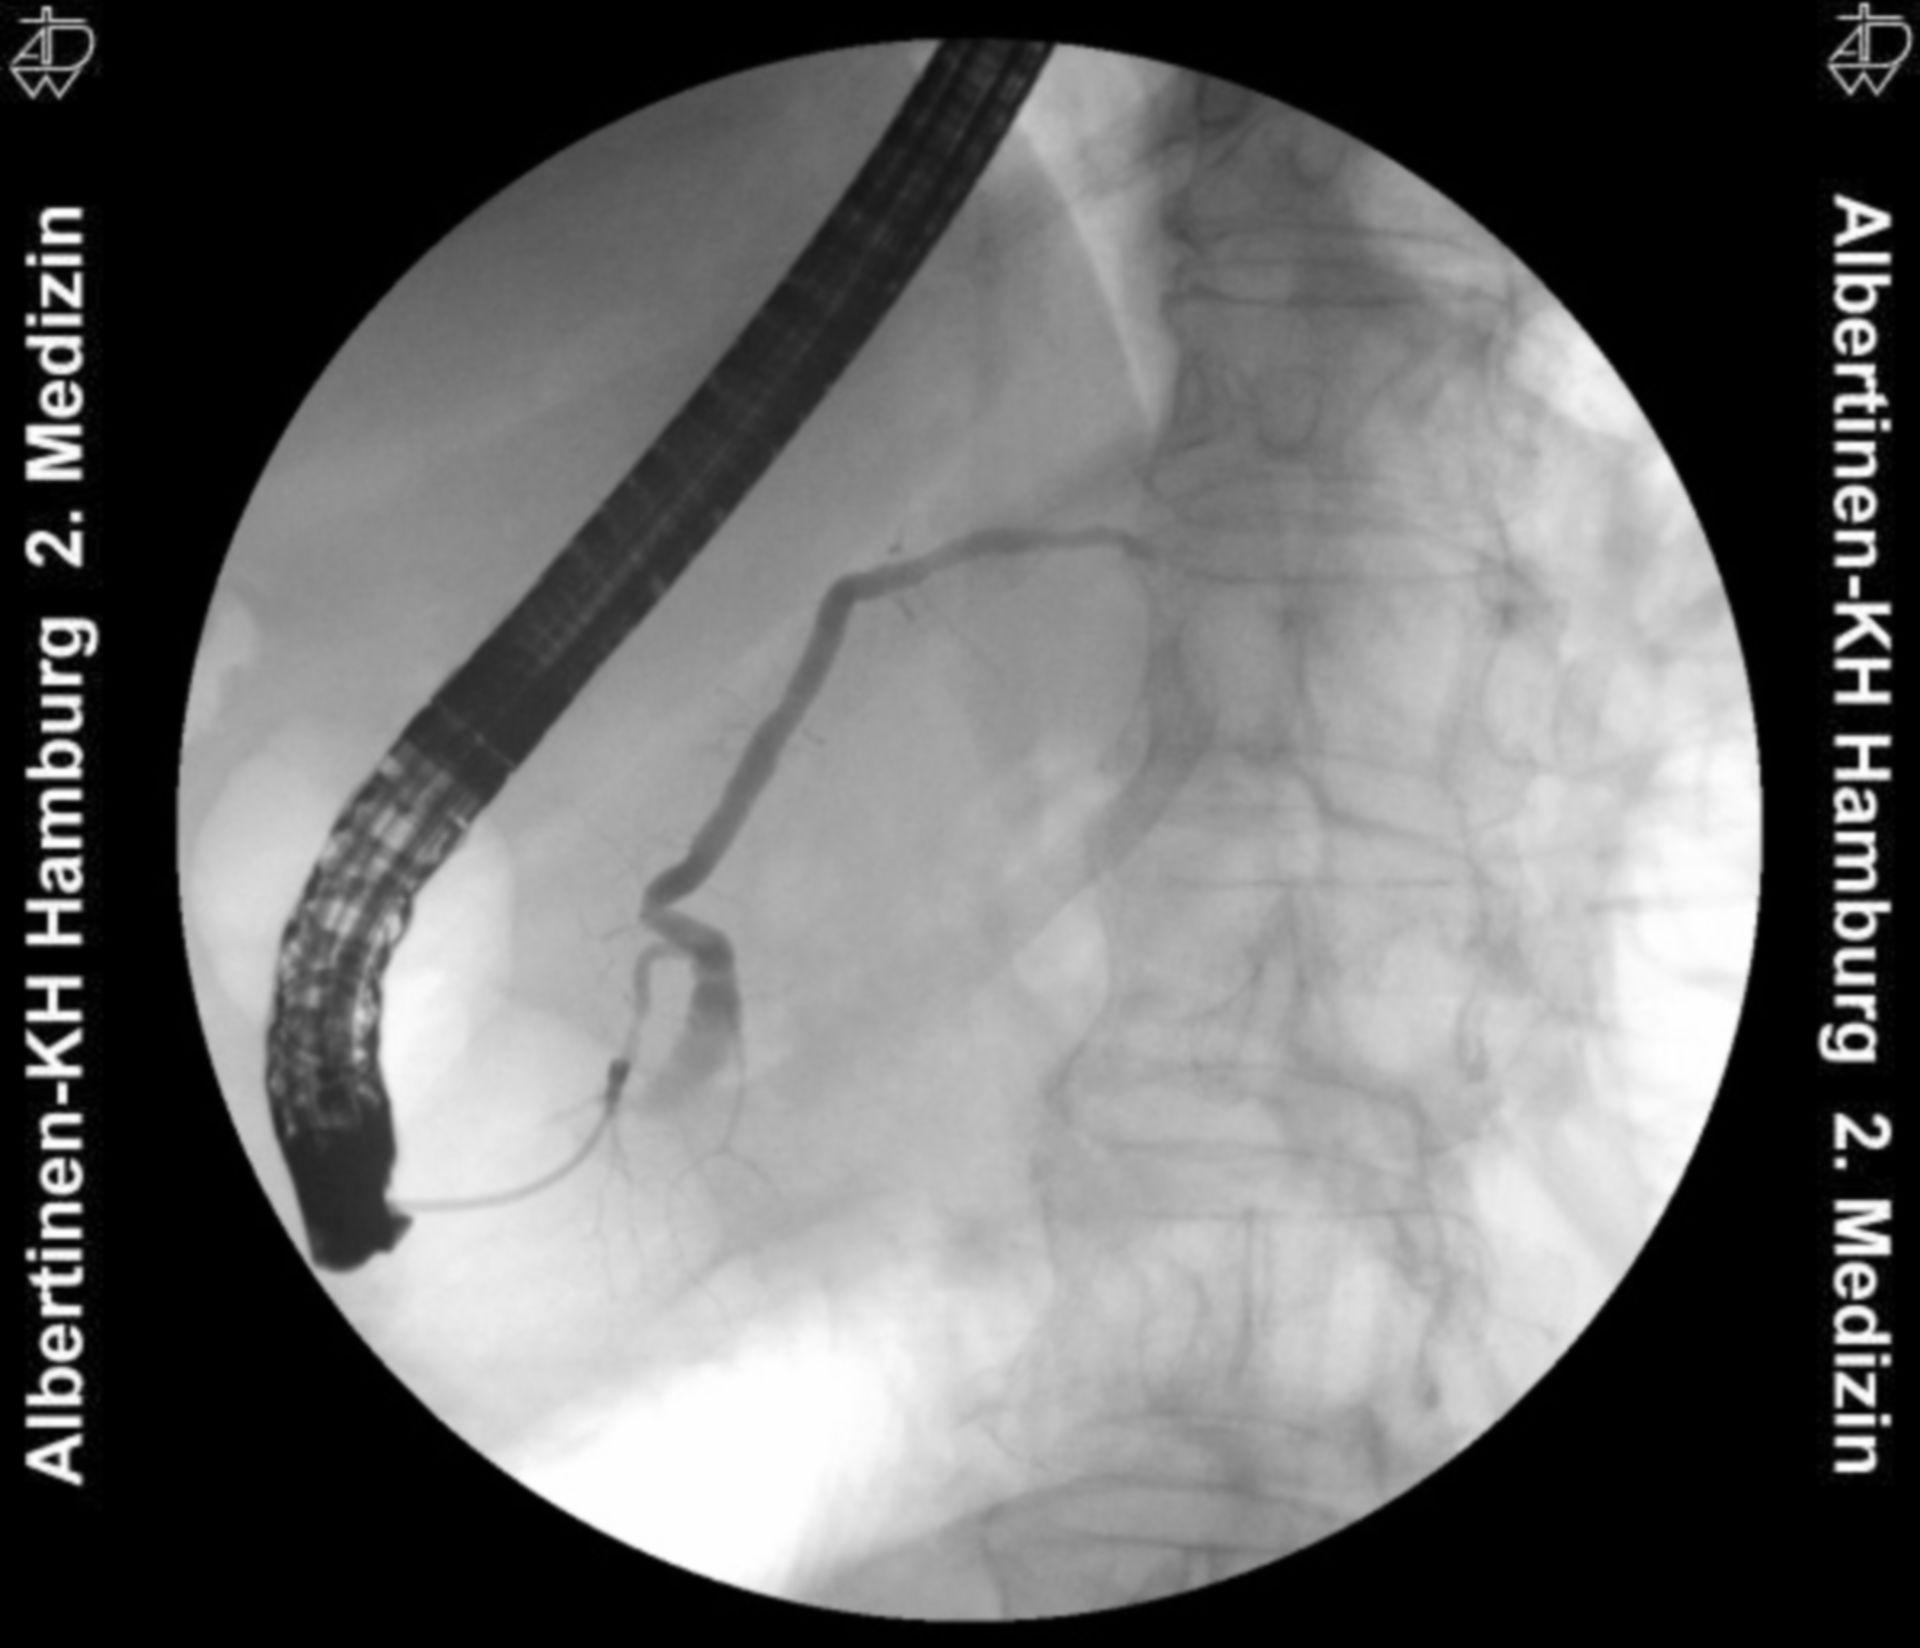 Quelle: Endoskopie-Atlas